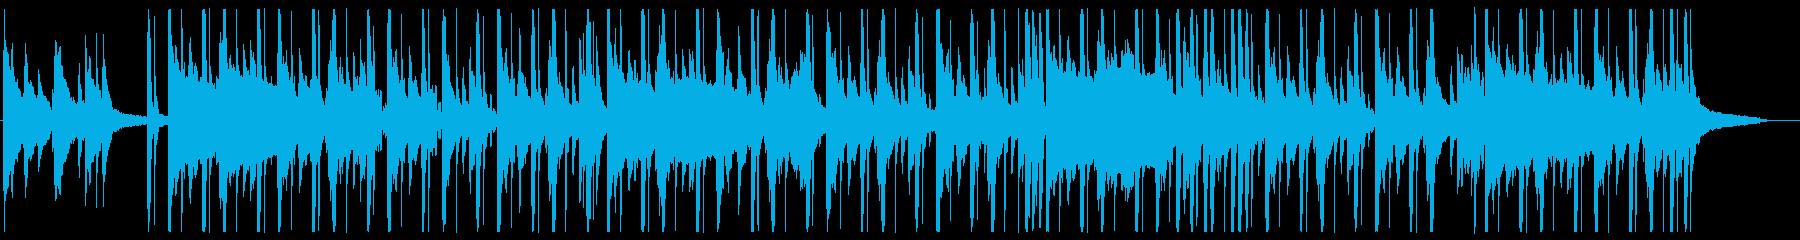 幻想的なローファイ・チルの再生済みの波形